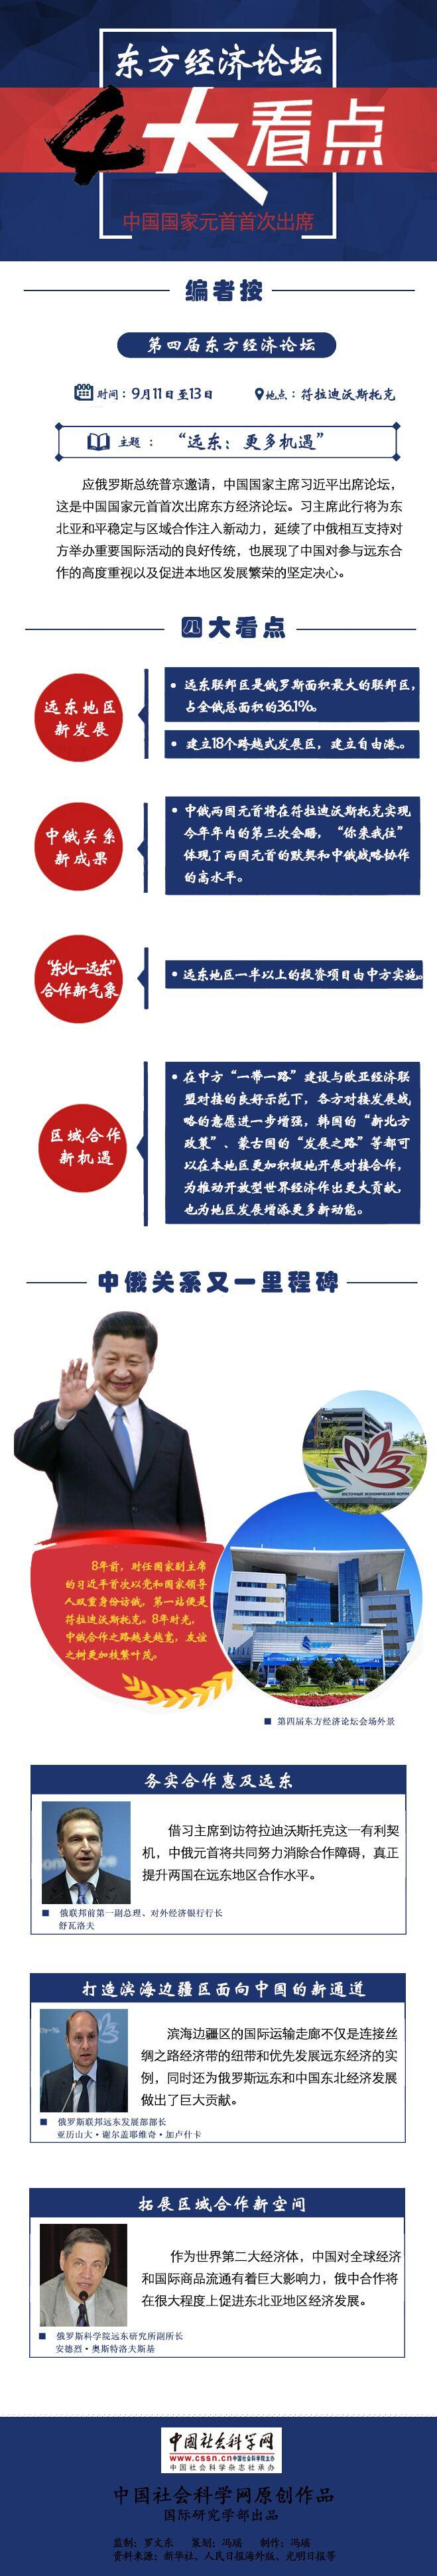 【图解】东方经济论坛4大看点